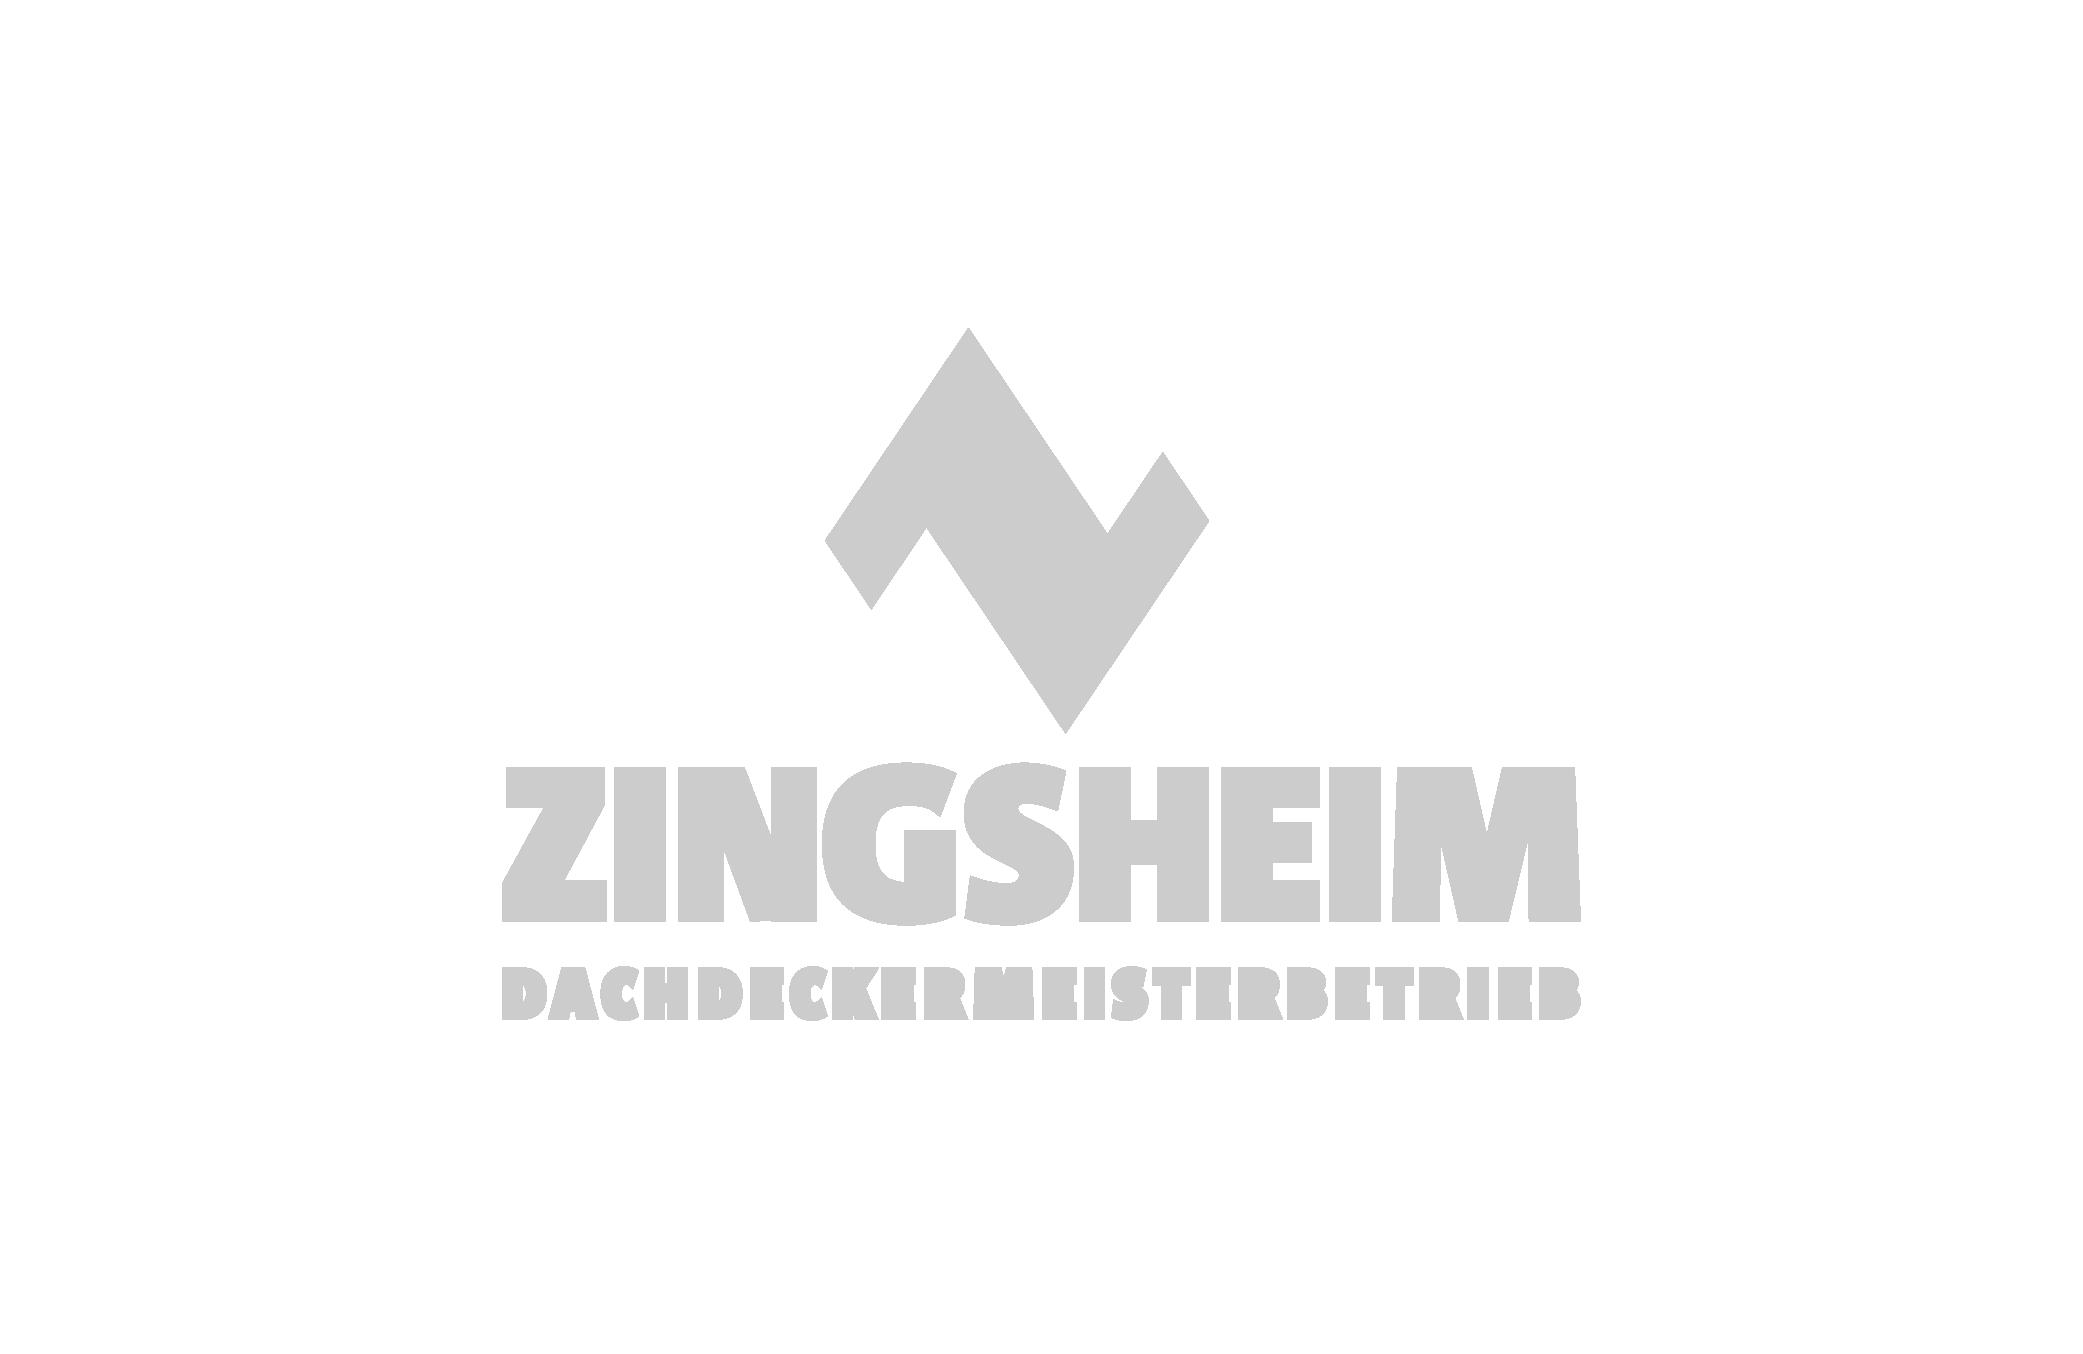 Dachdecker Zingsheim